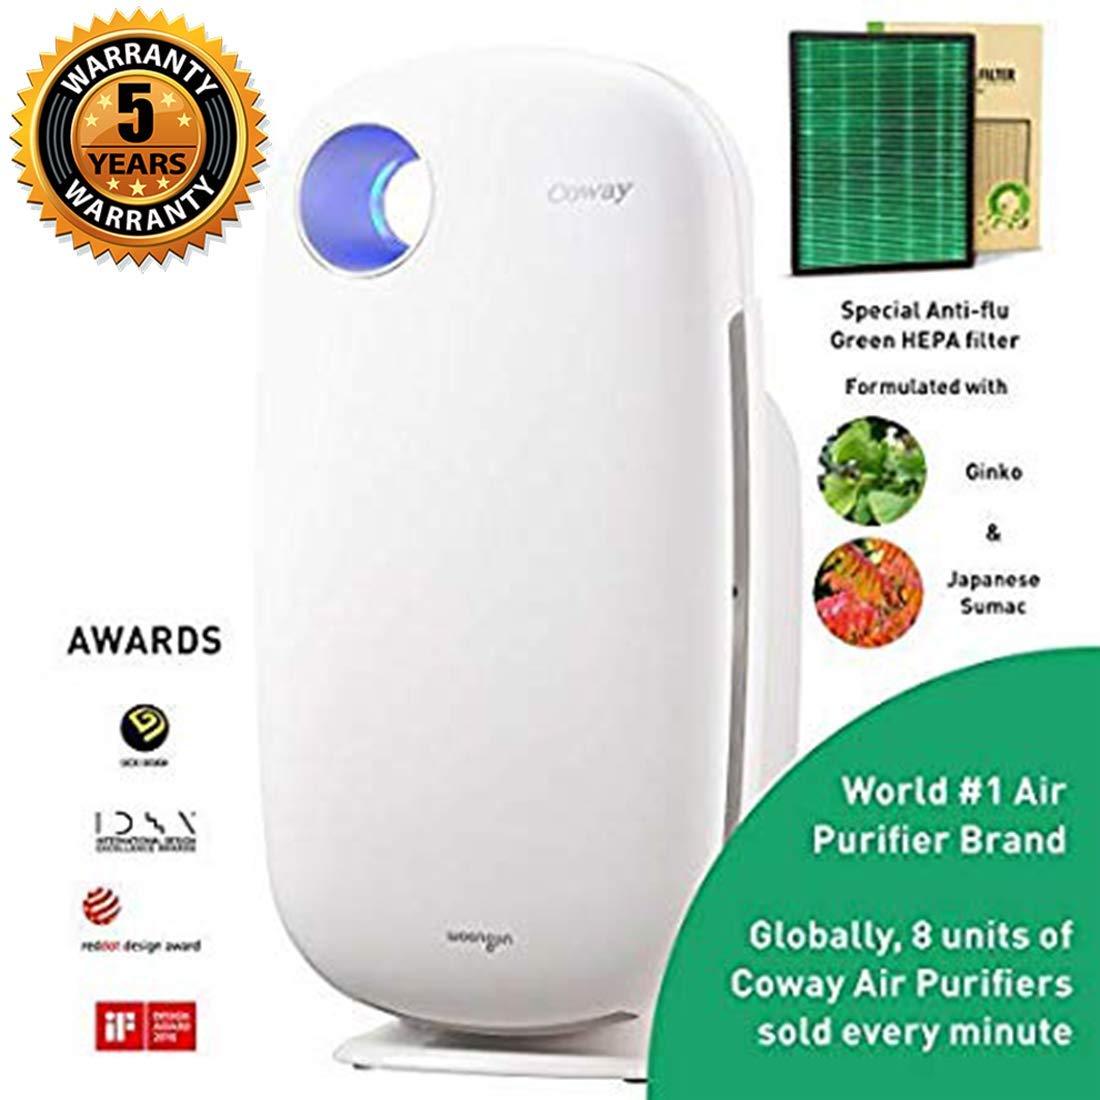 Coway AP-1009 Air Purifier